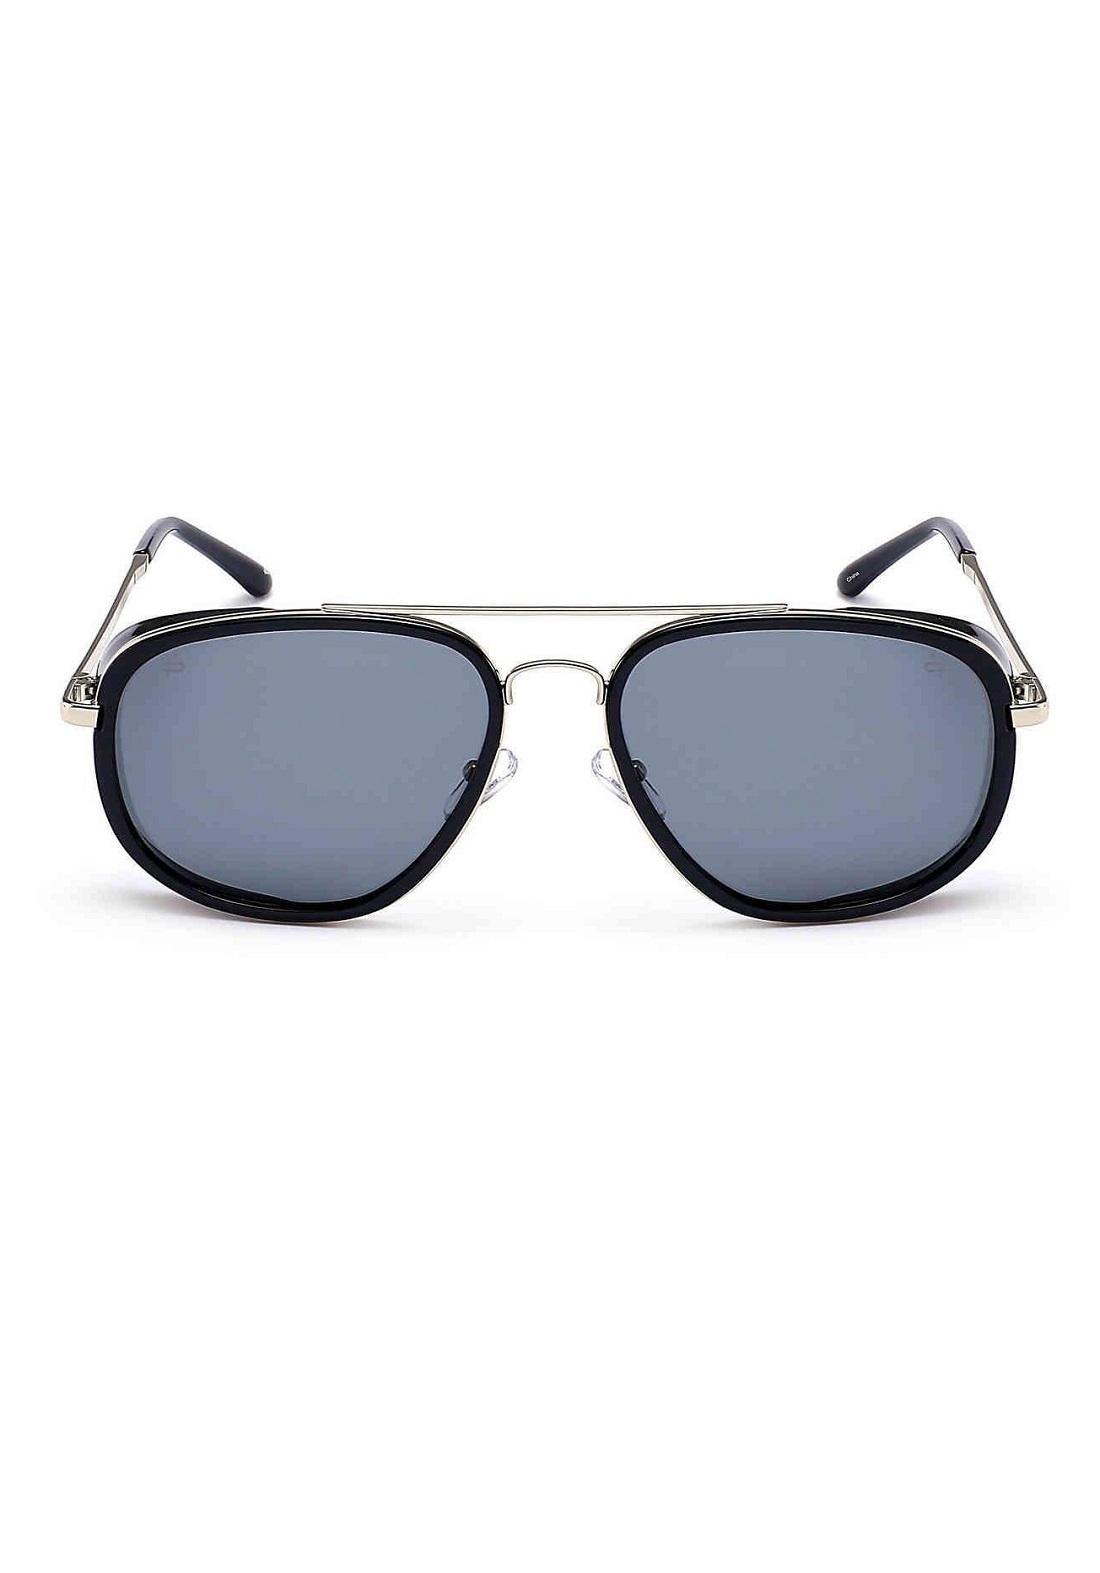 اسود اللون Prive Revaux نظارات شمسية رجالية من